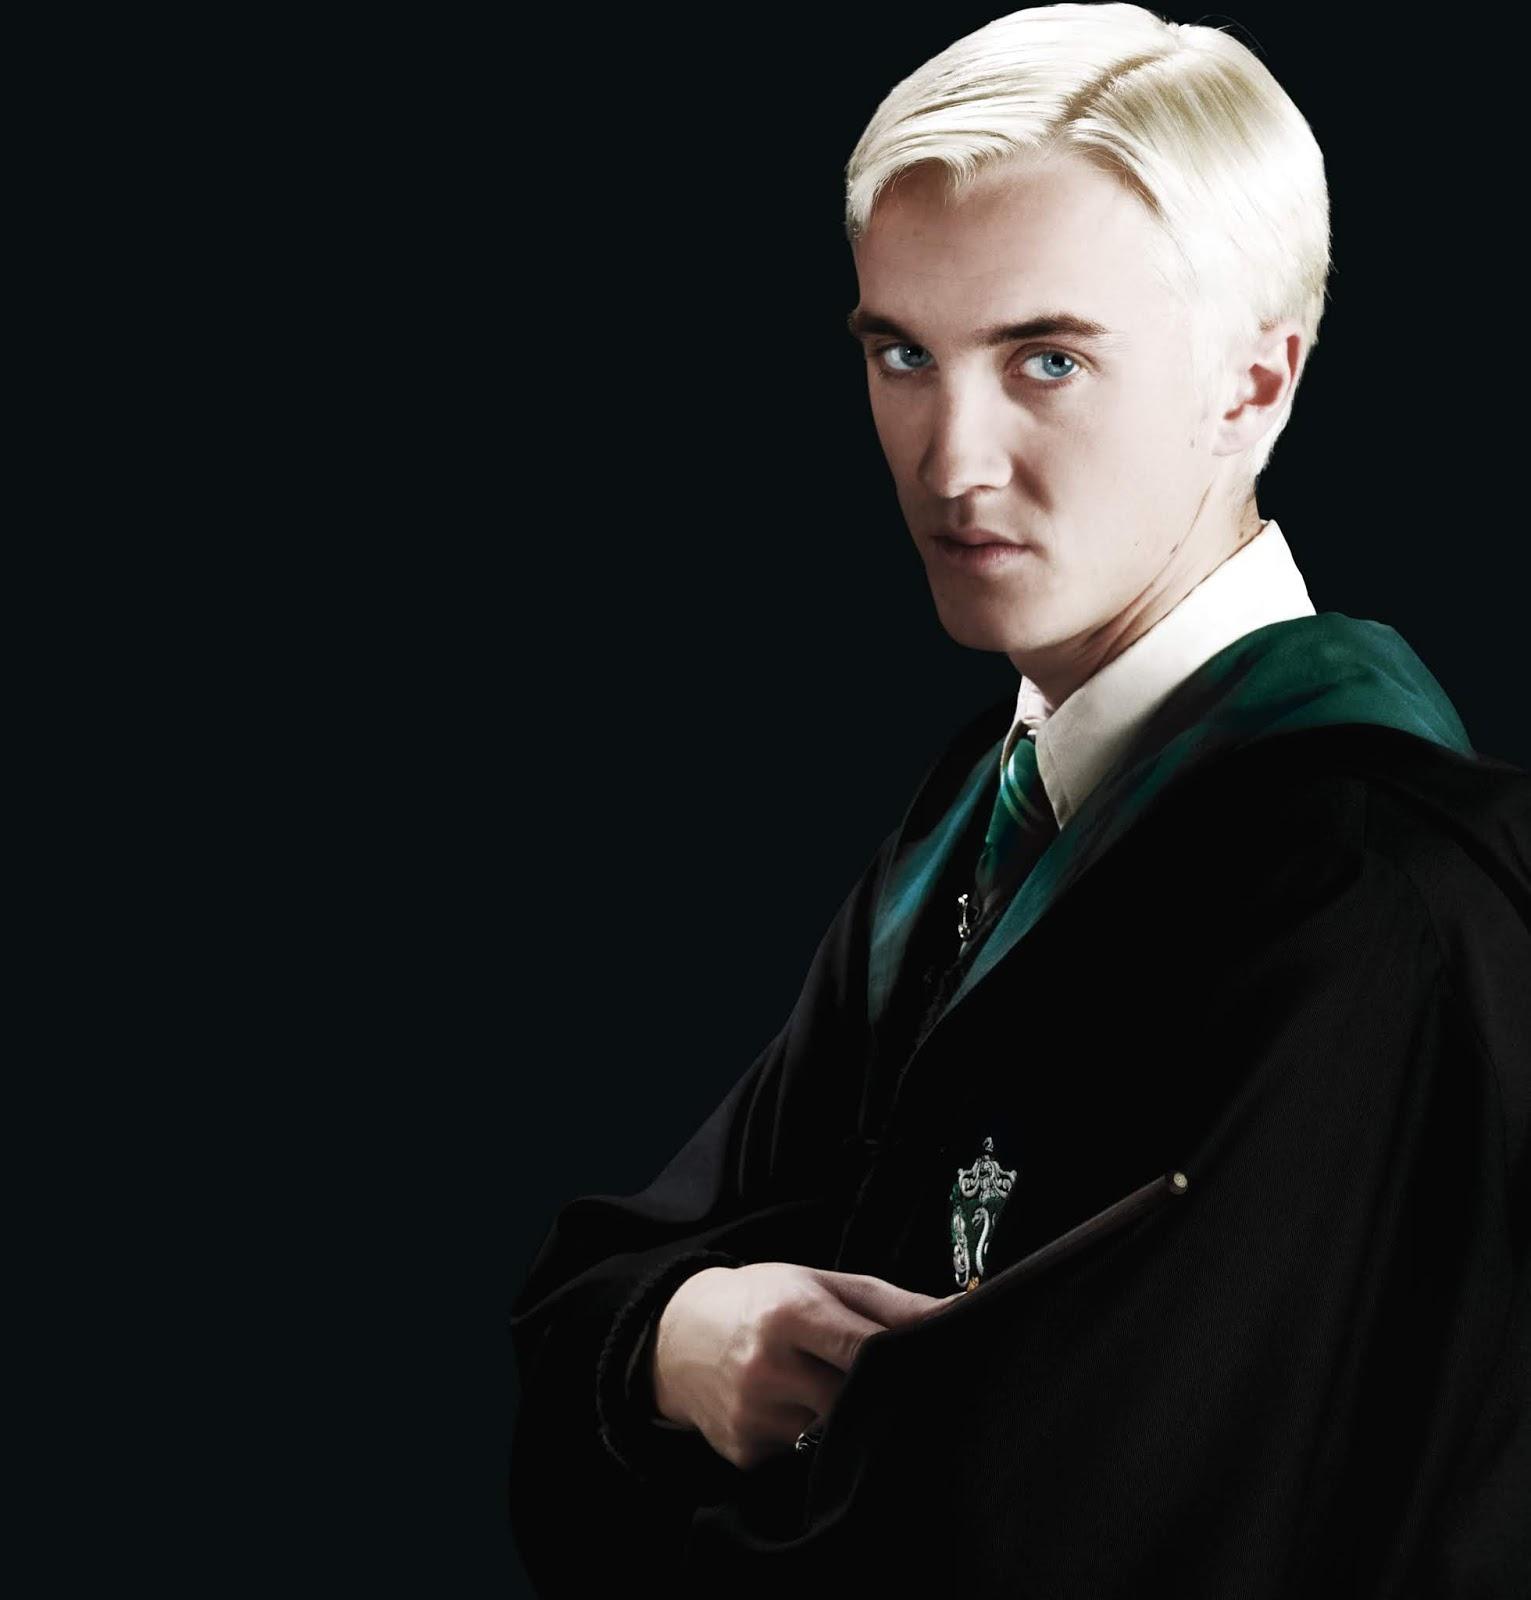 Coisas que você pode não ter notado sobre Draco Malfoy